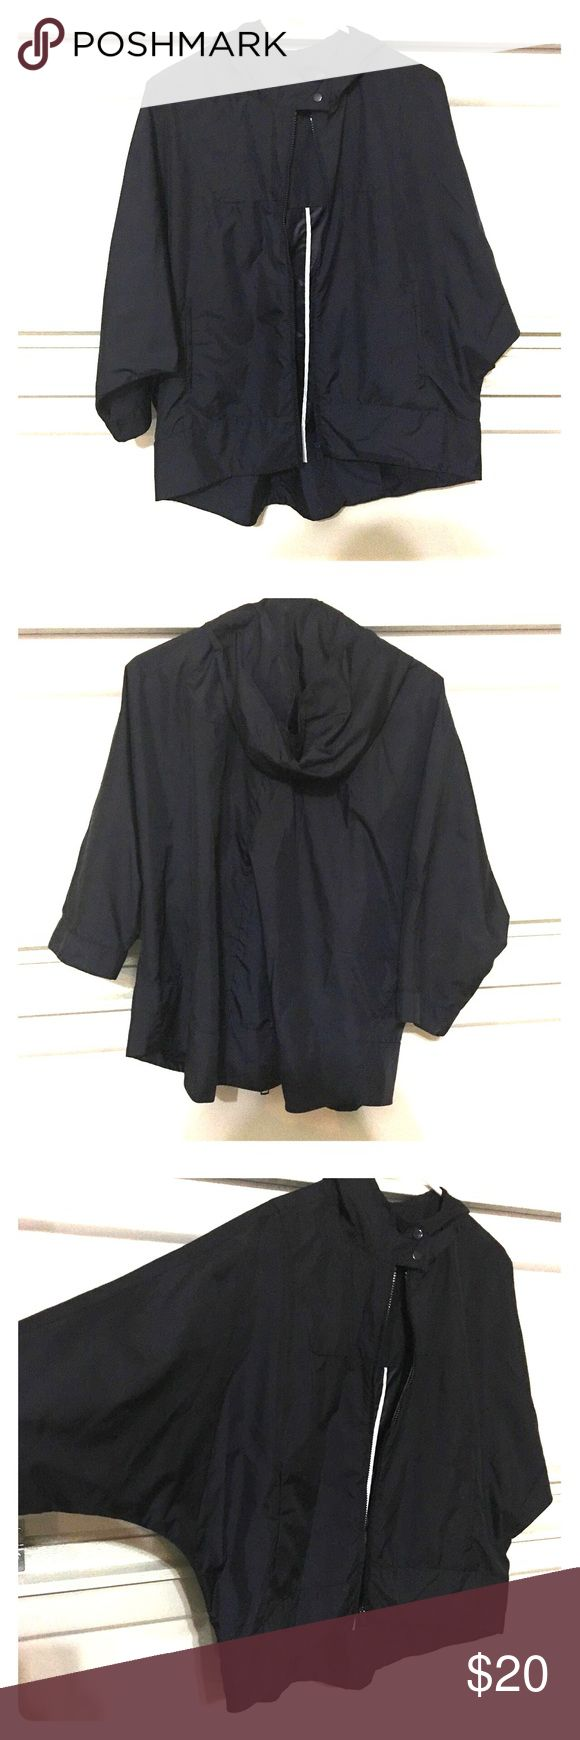 Zara rain/parka jacket Almost has a poncho look to it. Very thin material. Color navy. Zara Jackets & Coats